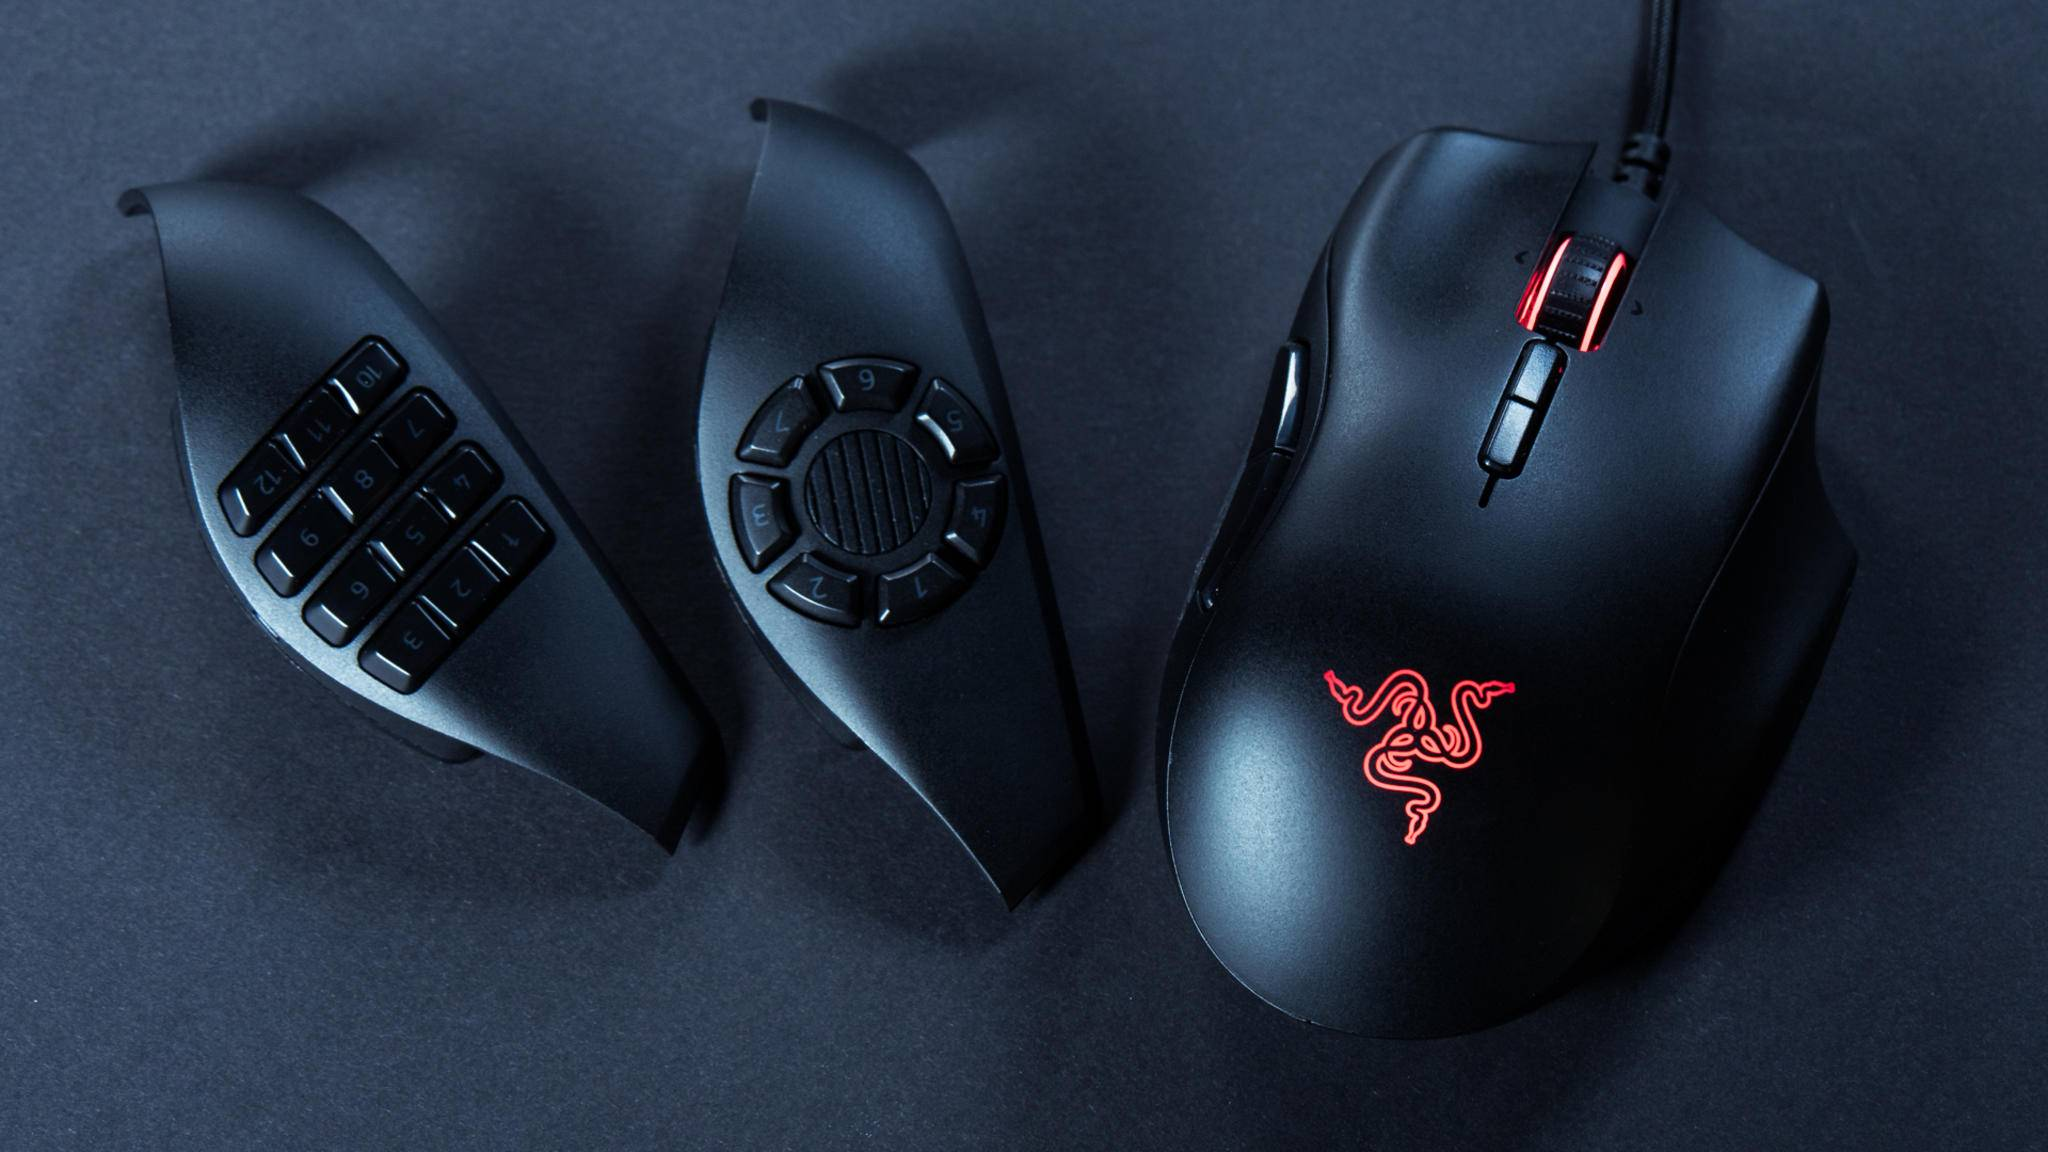 Die Razer Naga Trinity lässt sich dank austauschbarer Seitenteile in verschiedene Gaming-Mäuse verwandeln.